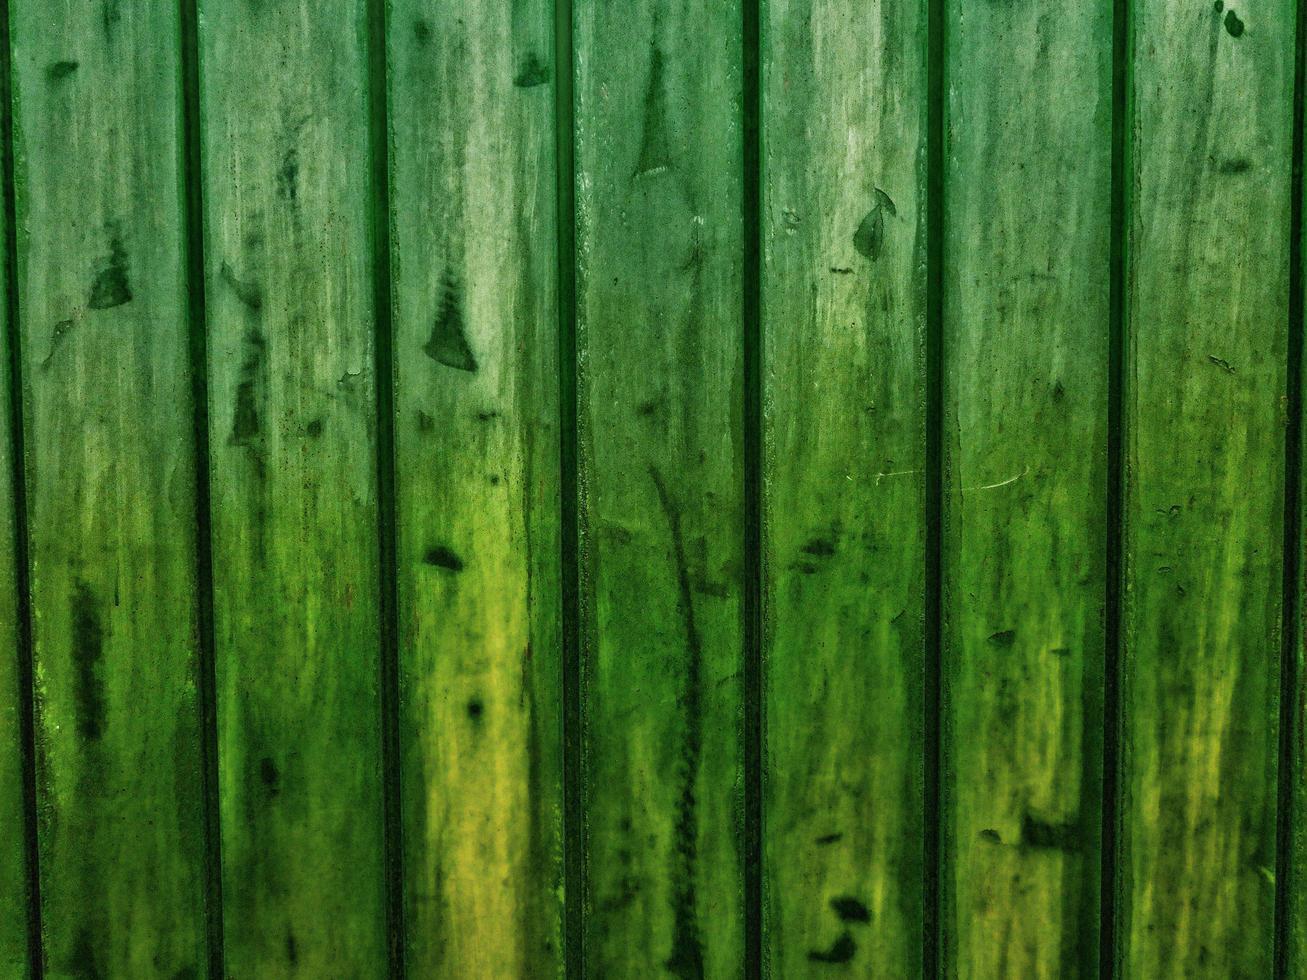 Holzstruktur im Garten foto